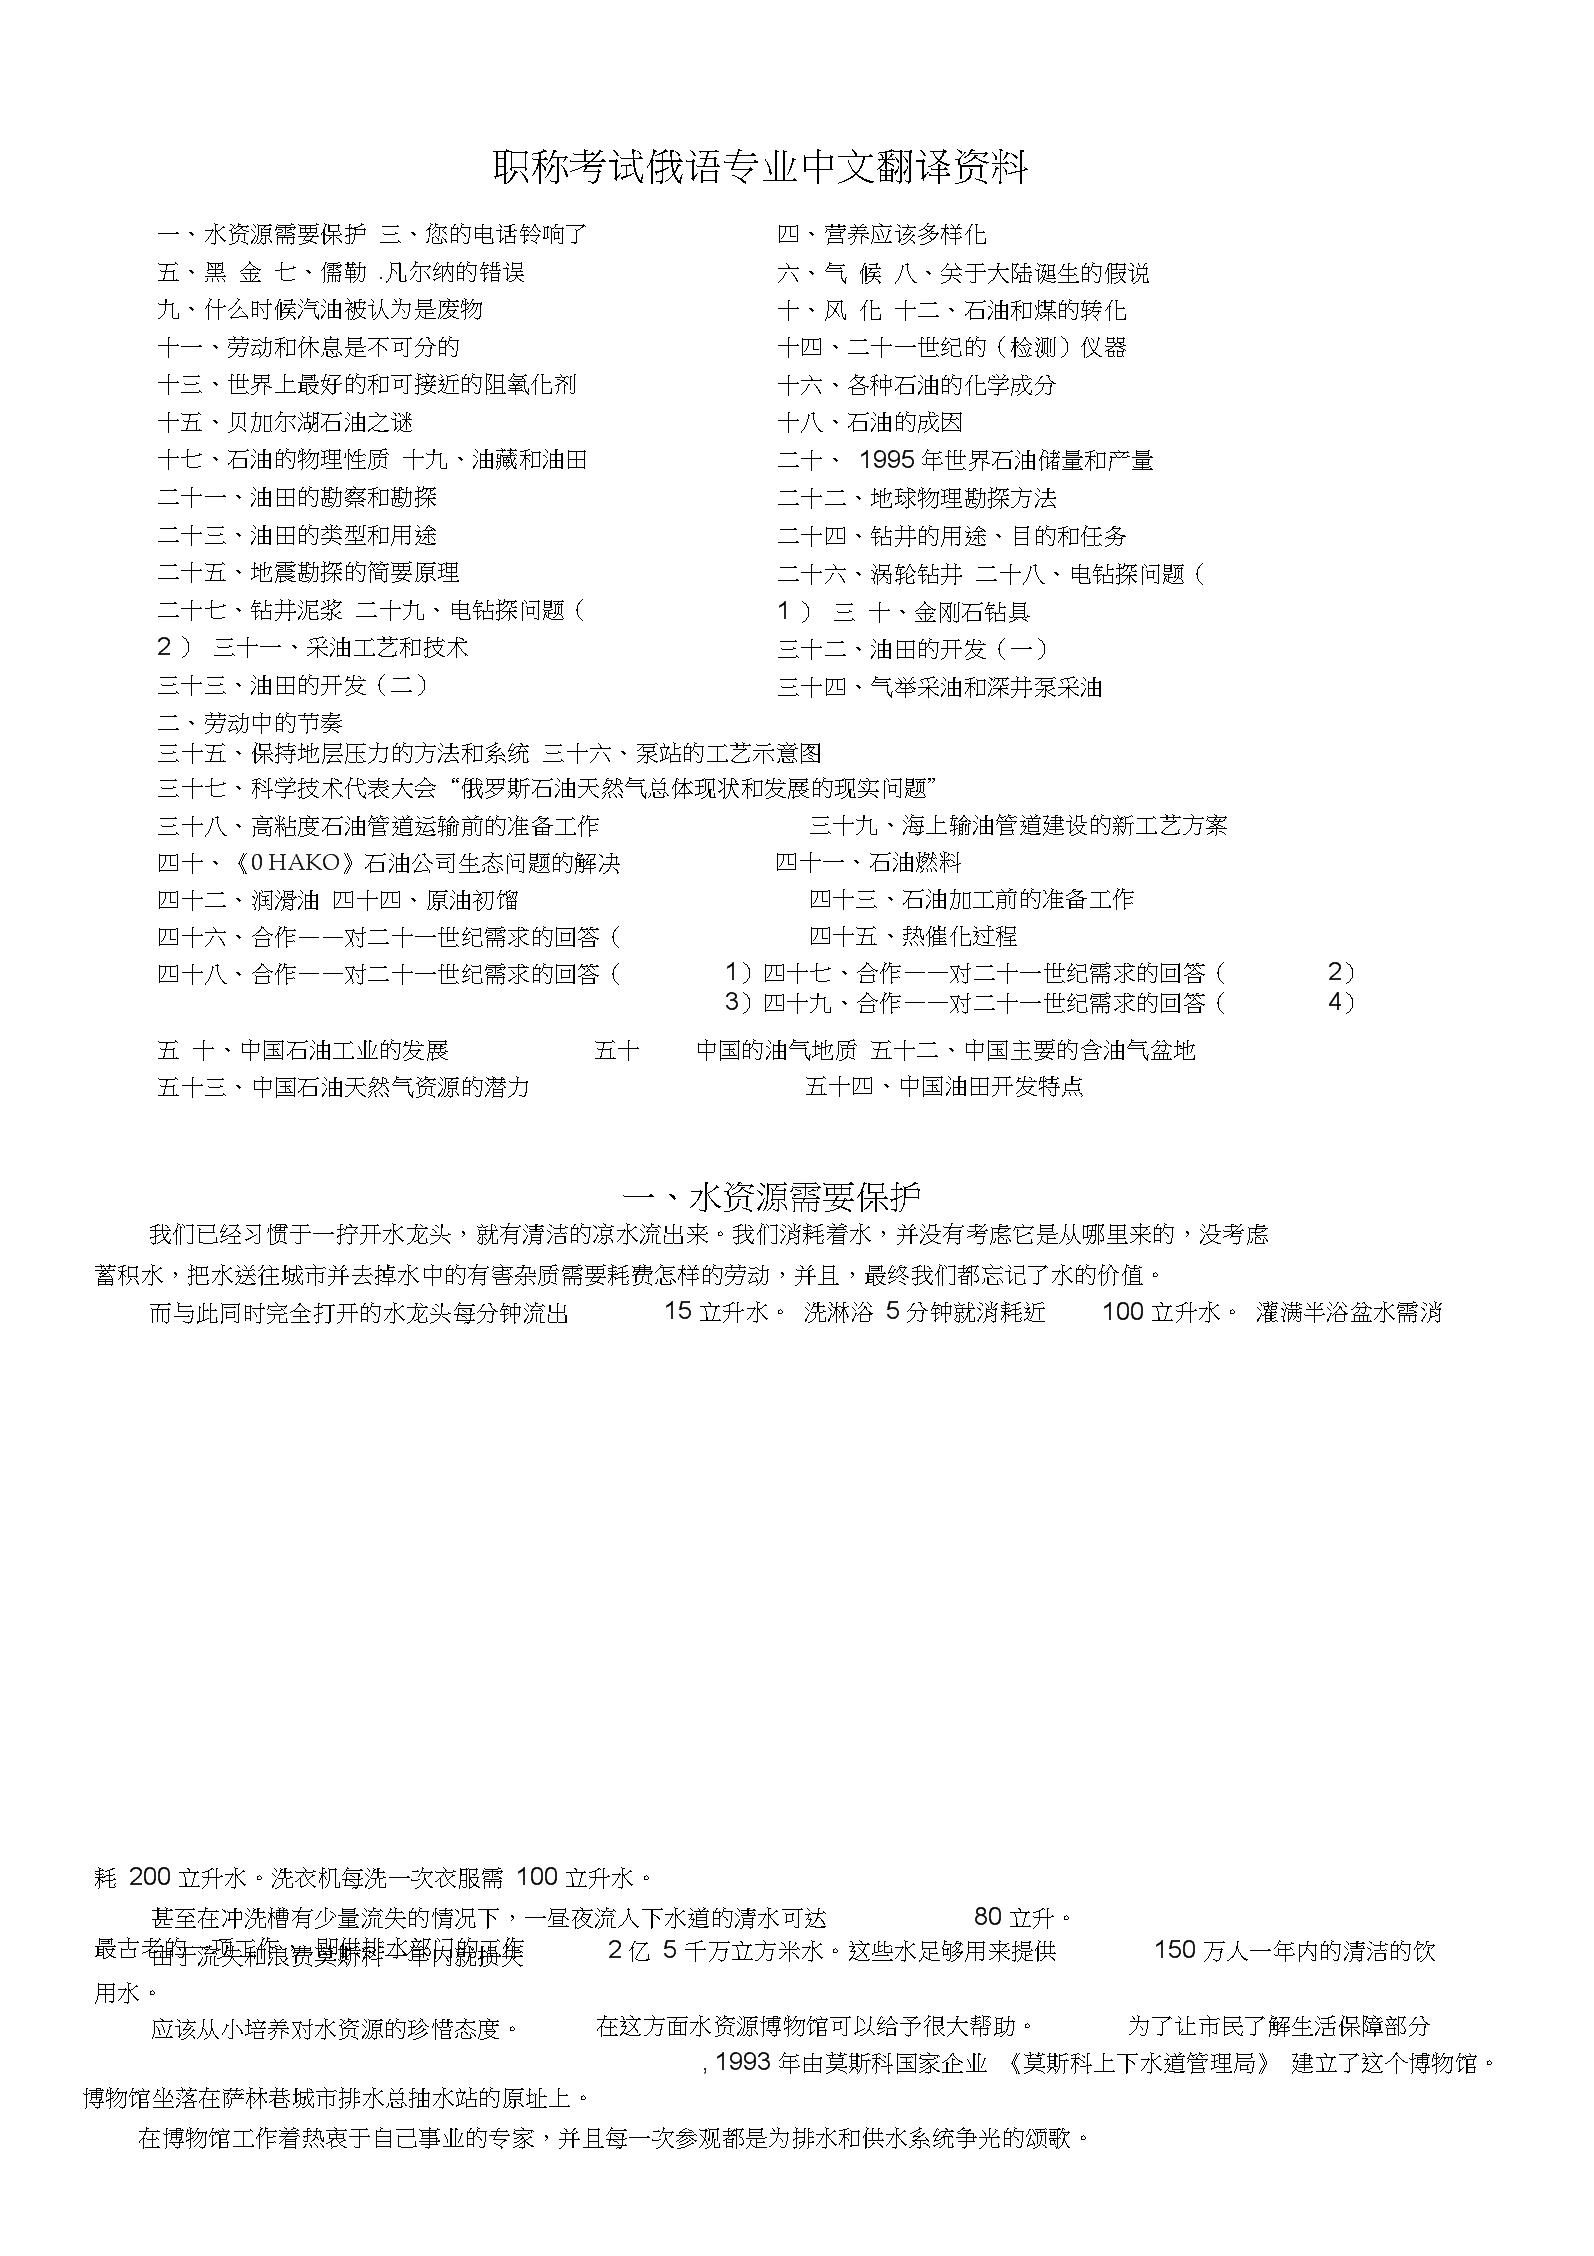 中级职称俄语(中文翻译A4).docx